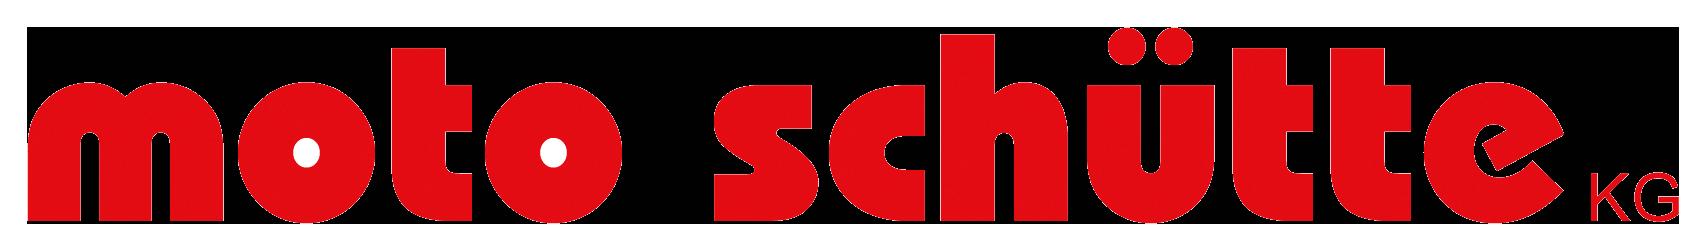 schuette-gartentechnik.de